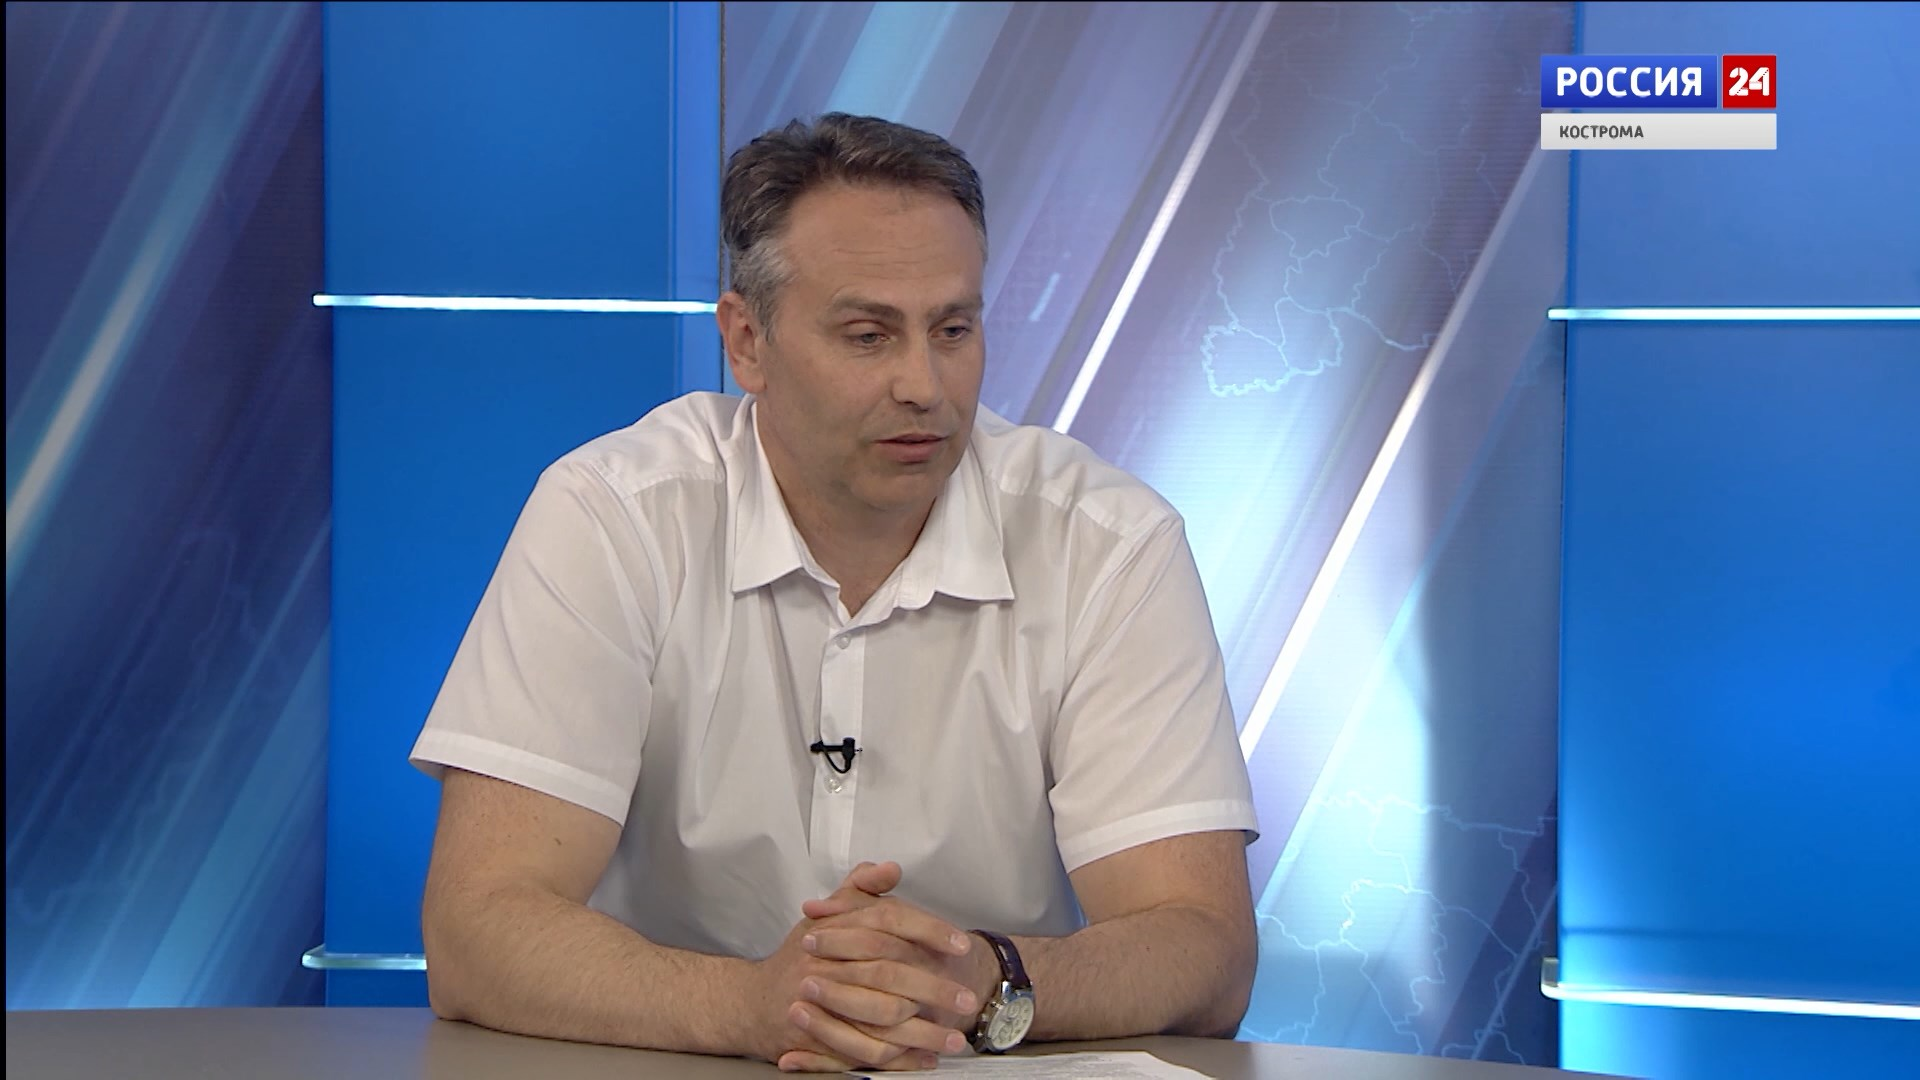 Сроки сорваны: теплоэнергетики продолжают работы на костромских сетях